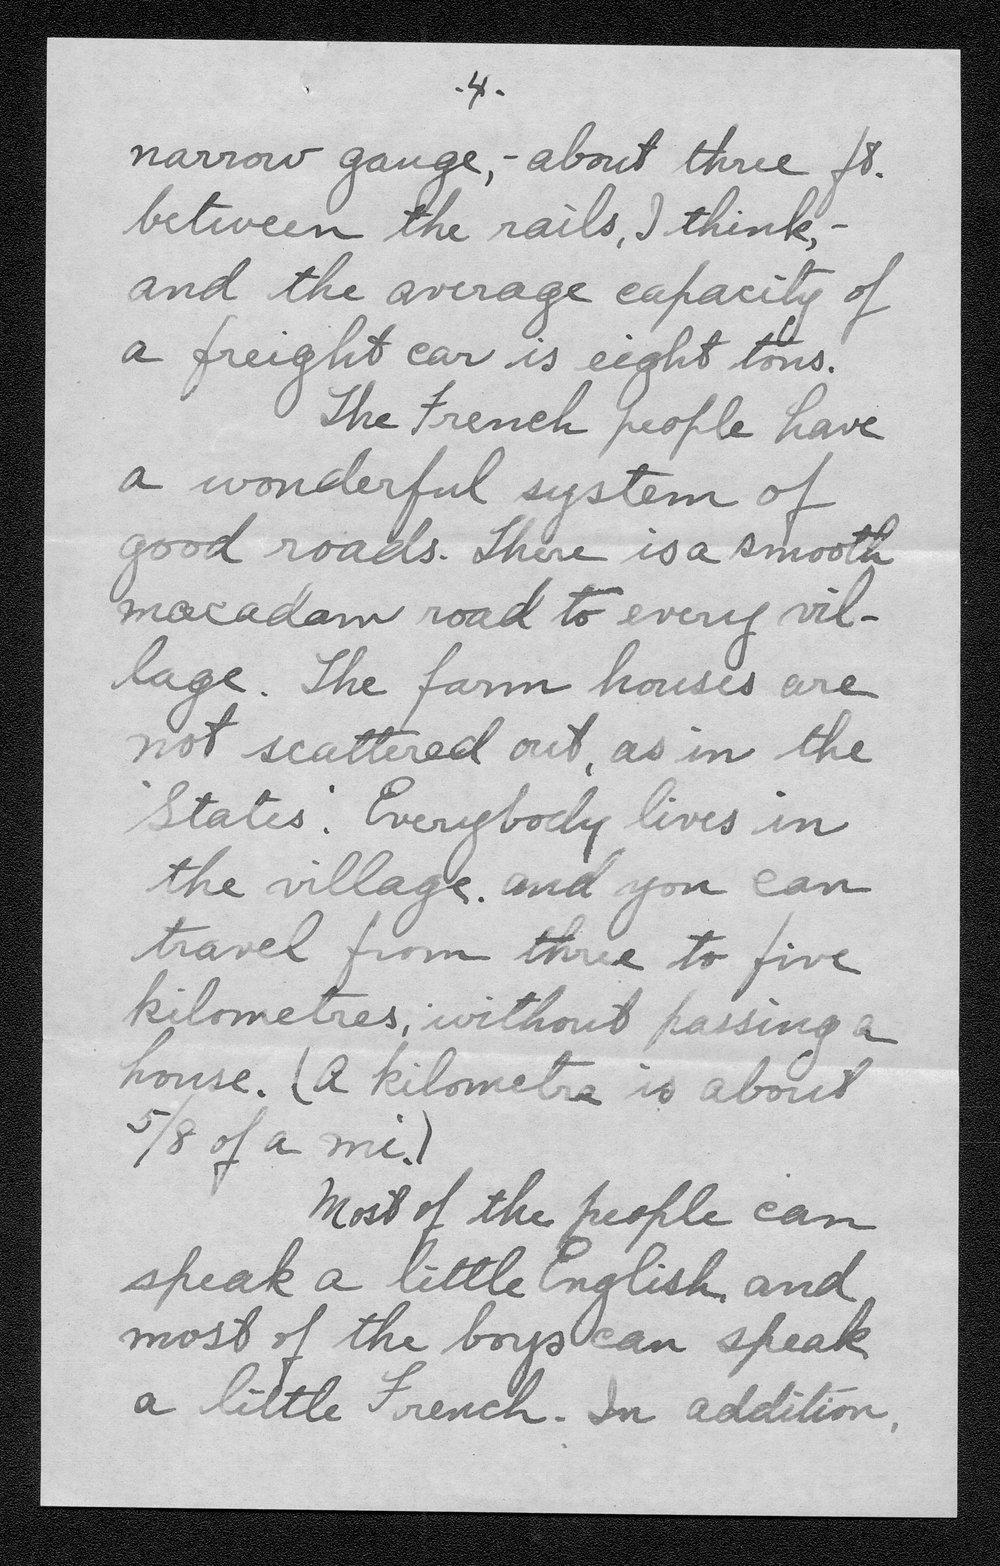 Samuel D. Russell, World War I soldier - 9